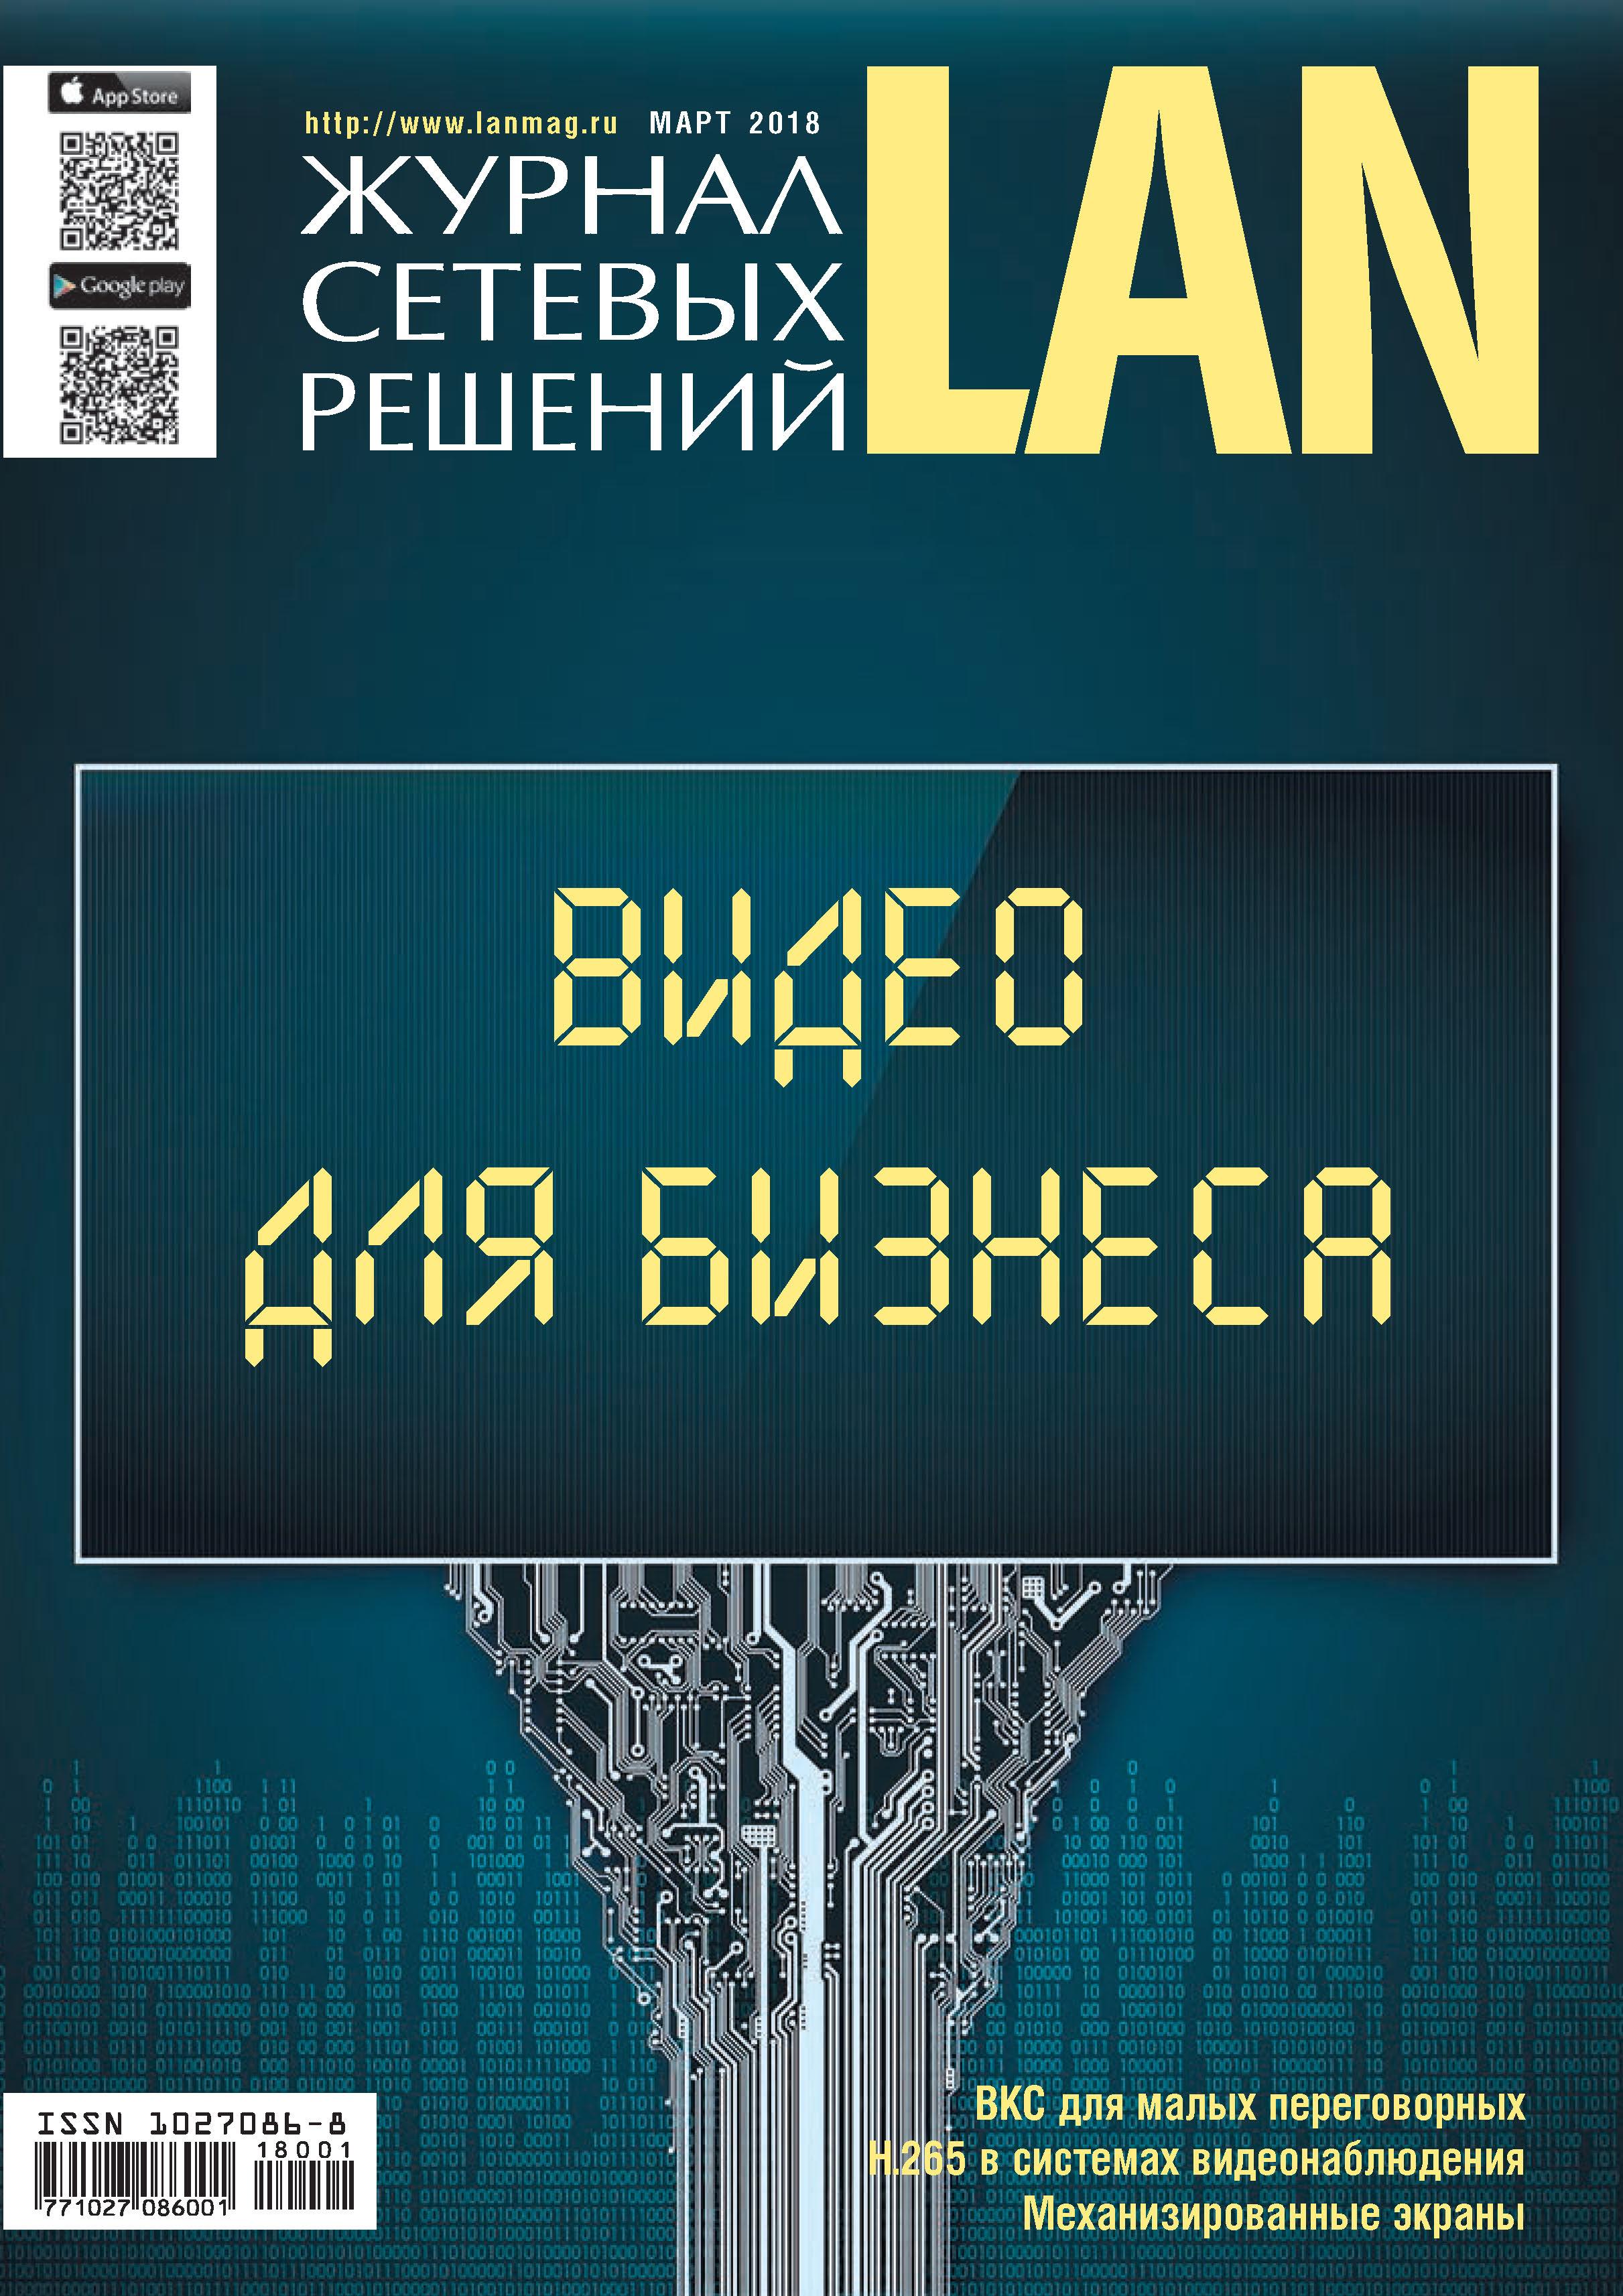 Фото - Открытые системы Журнал сетевых решений / LAN №01/2018 видео